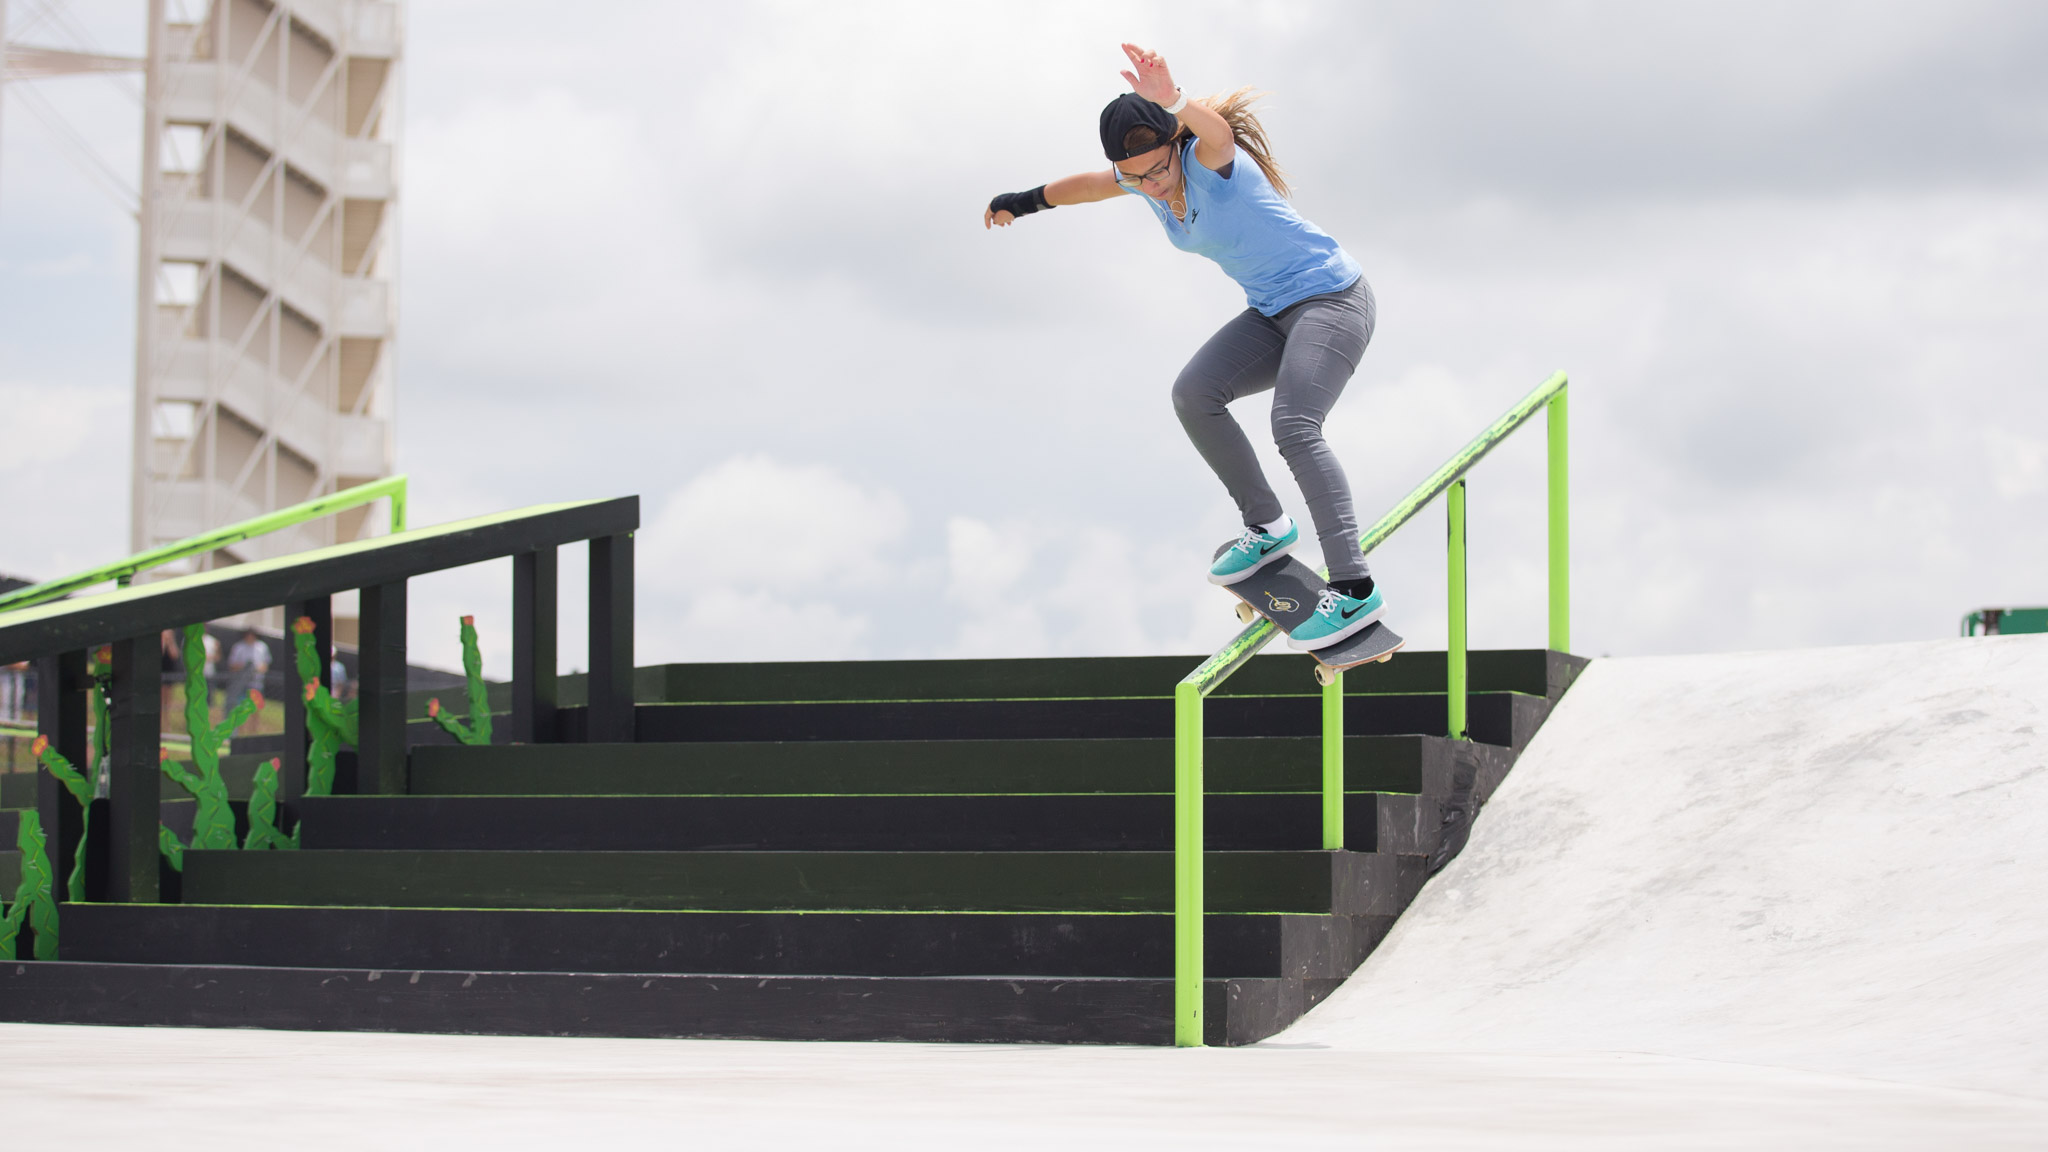 Women's Skateboard Street: Pamela Rosa